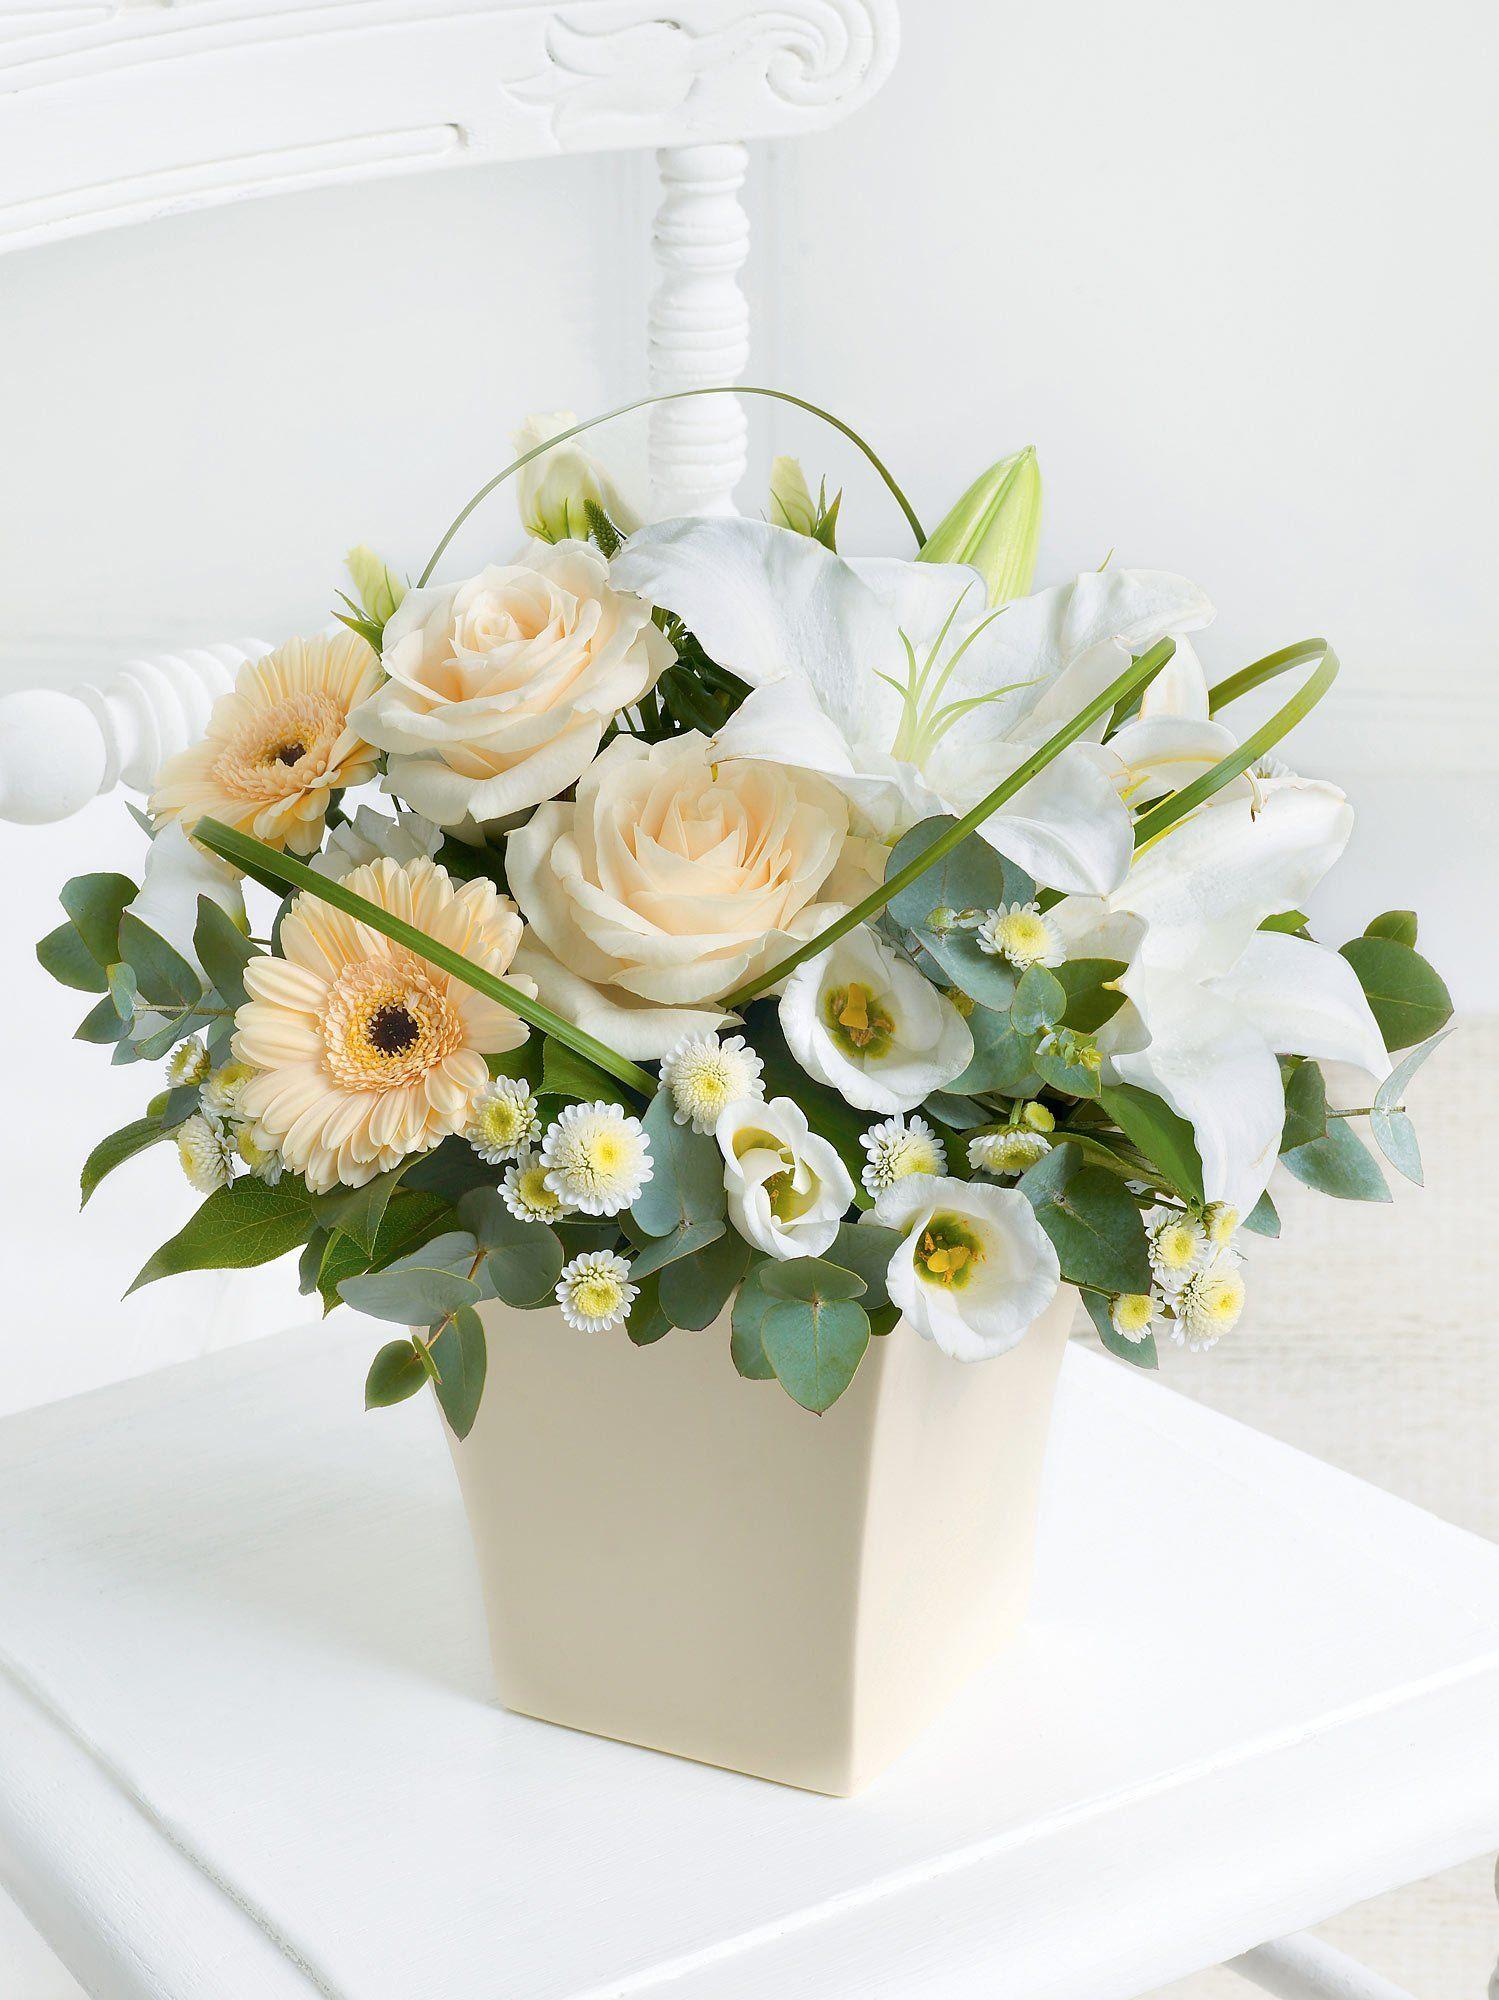 Cream Exquisite Arrangement Interflora 플로리스트, 꽃꽂이, 아름다운 꽃